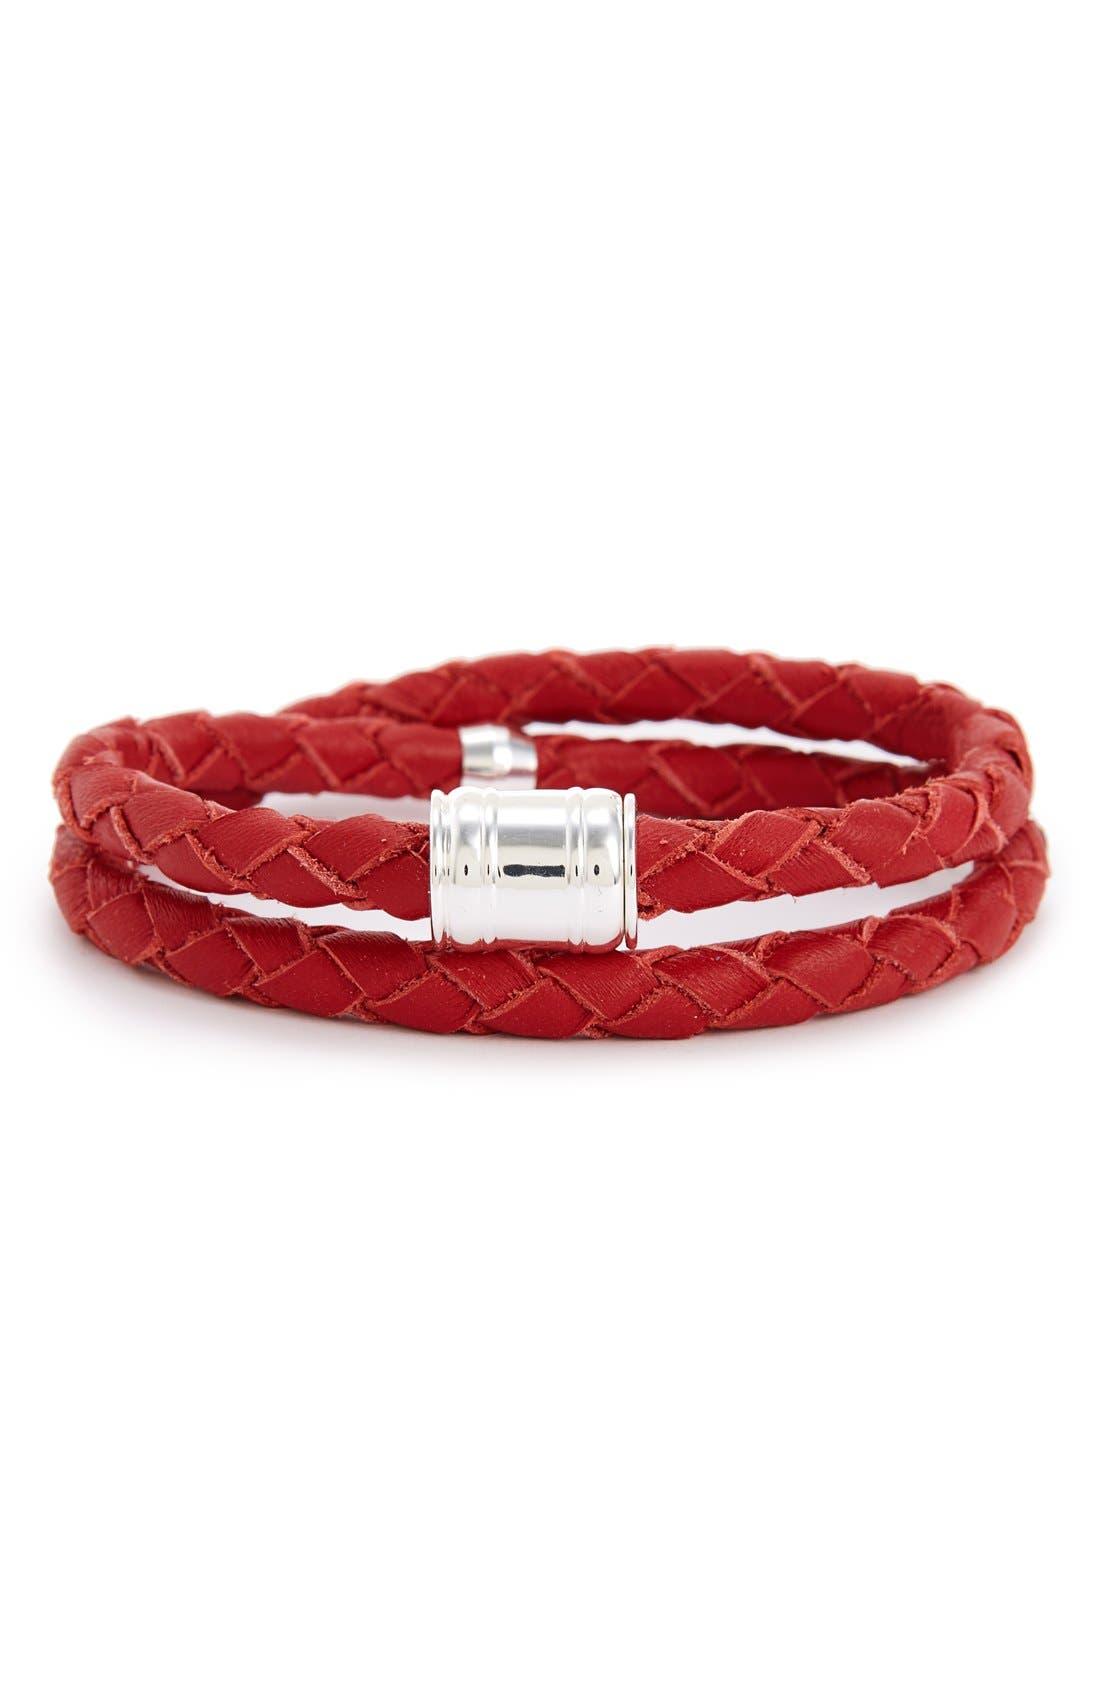 Miansai Braided Leather Bracelet